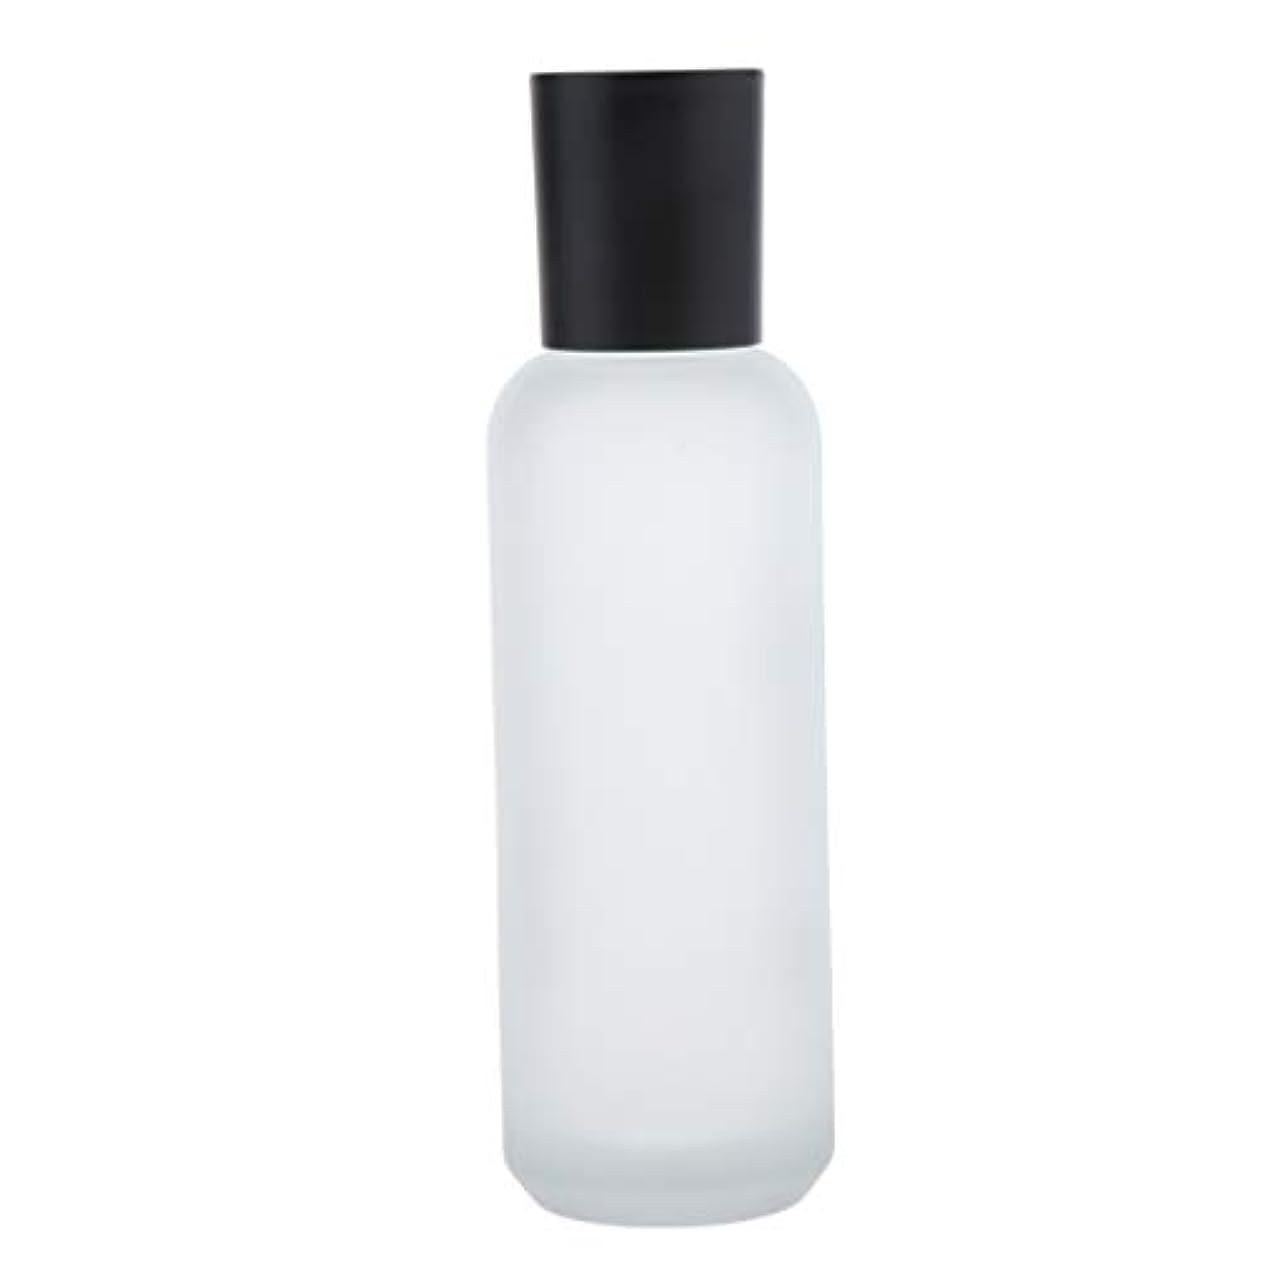 保護する出撃者幹コスメ用詰替え容器 空ボトル 化粧品ボトル クリーム瓶 ガラス瓶 詰め替え可能 化粧品容器 全2サイズ - 120 ml